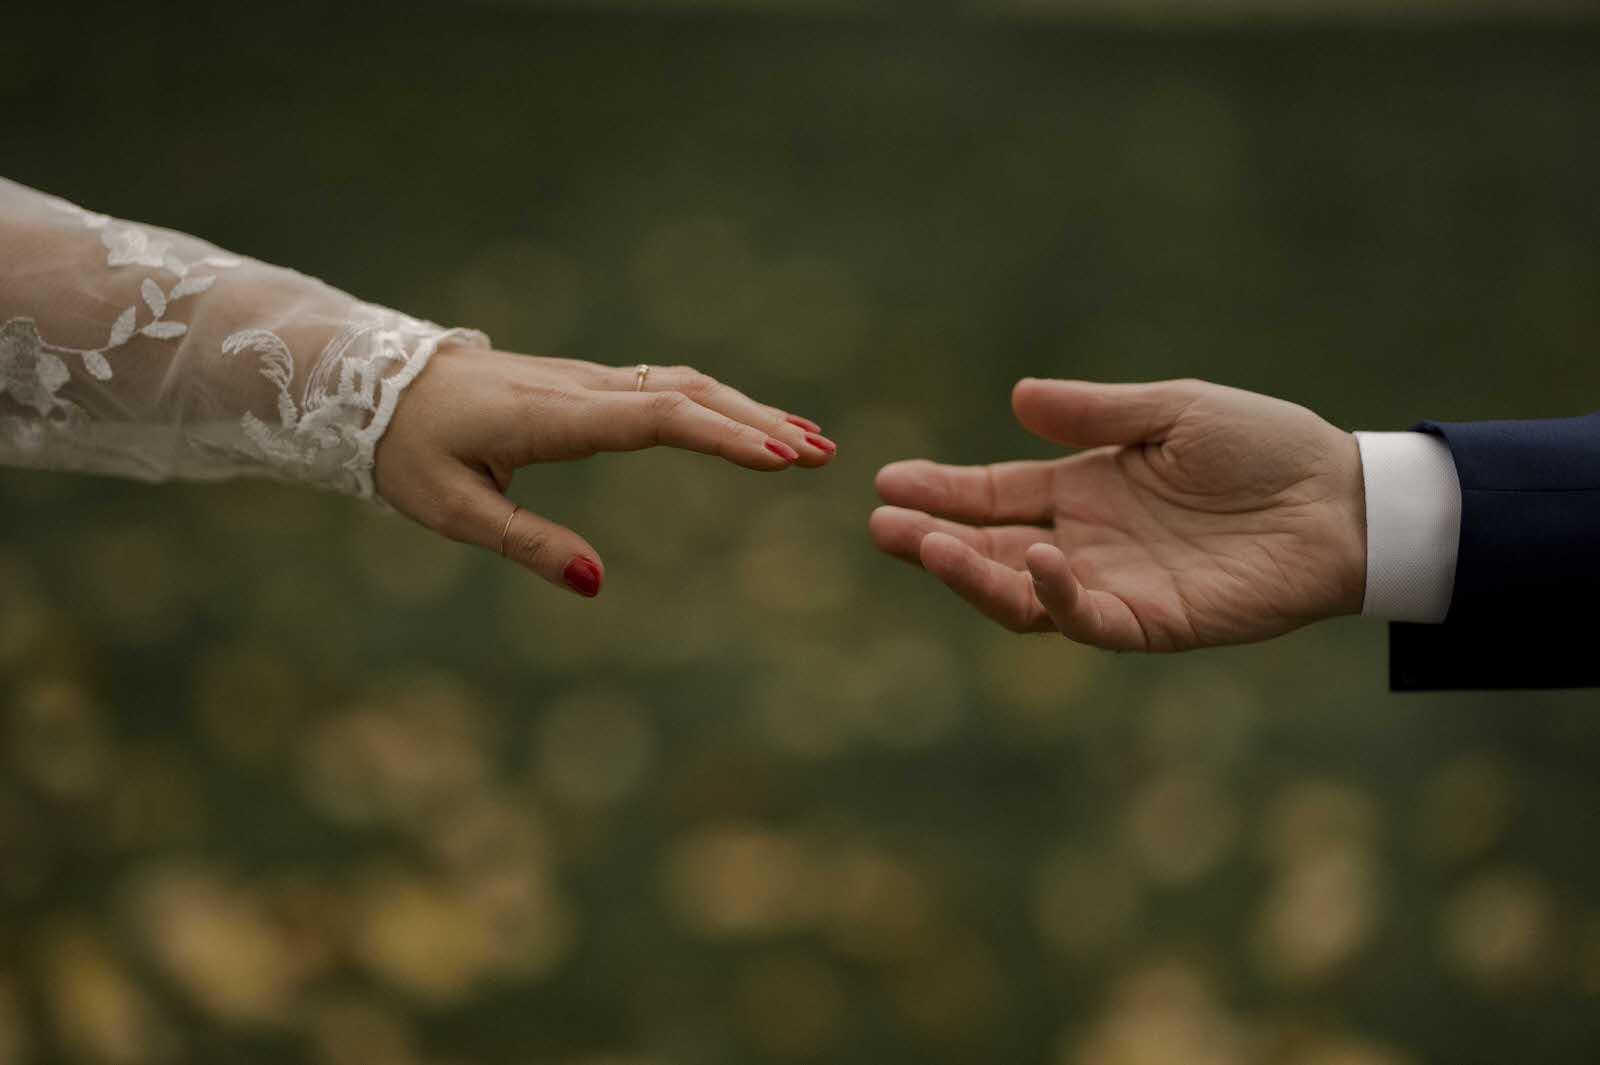 mains qui se joignent photo de mariage